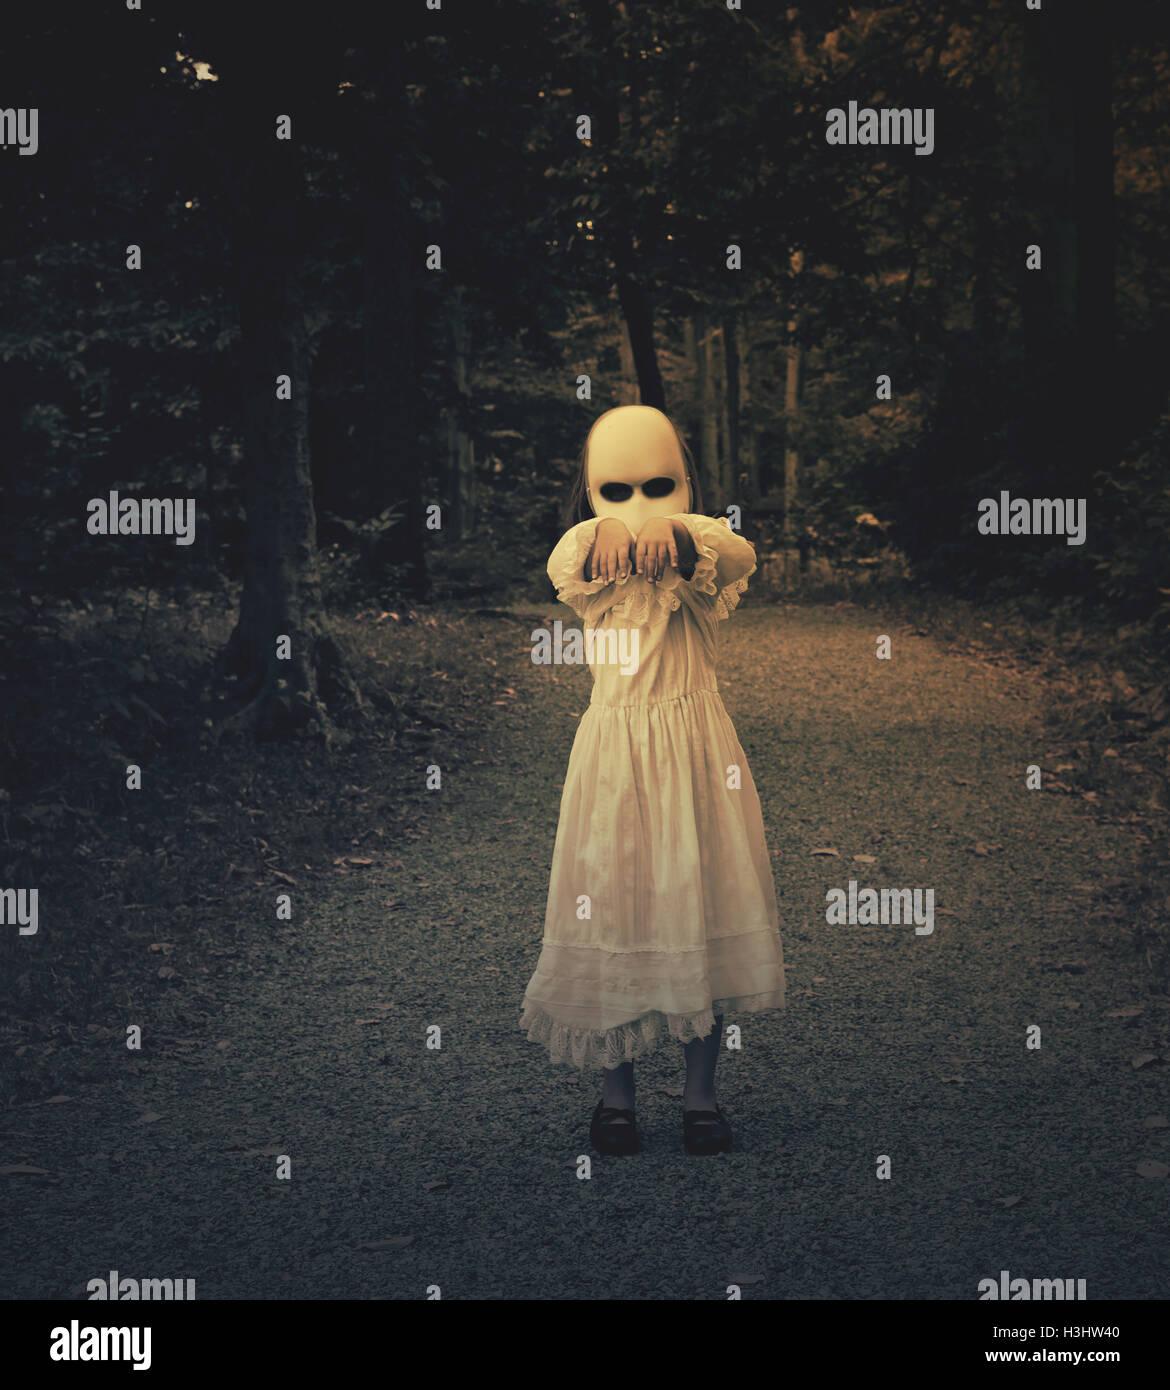 Eine unheimlich böse Geist Mädchen trägt ein weißes Kleid und das Gesicht ist in den dunklen Stockbild